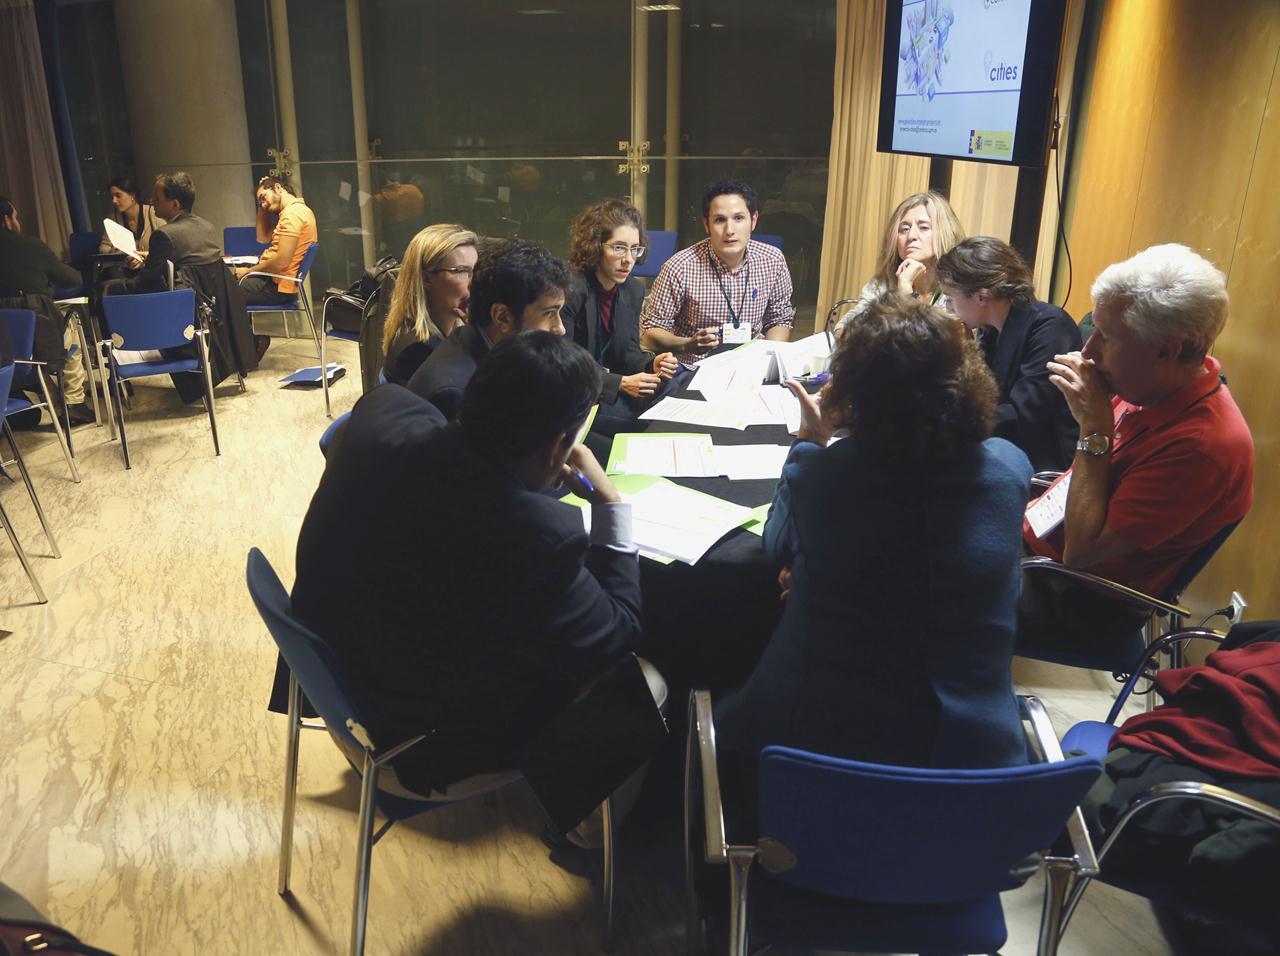 Sesión de trabajo en grupos